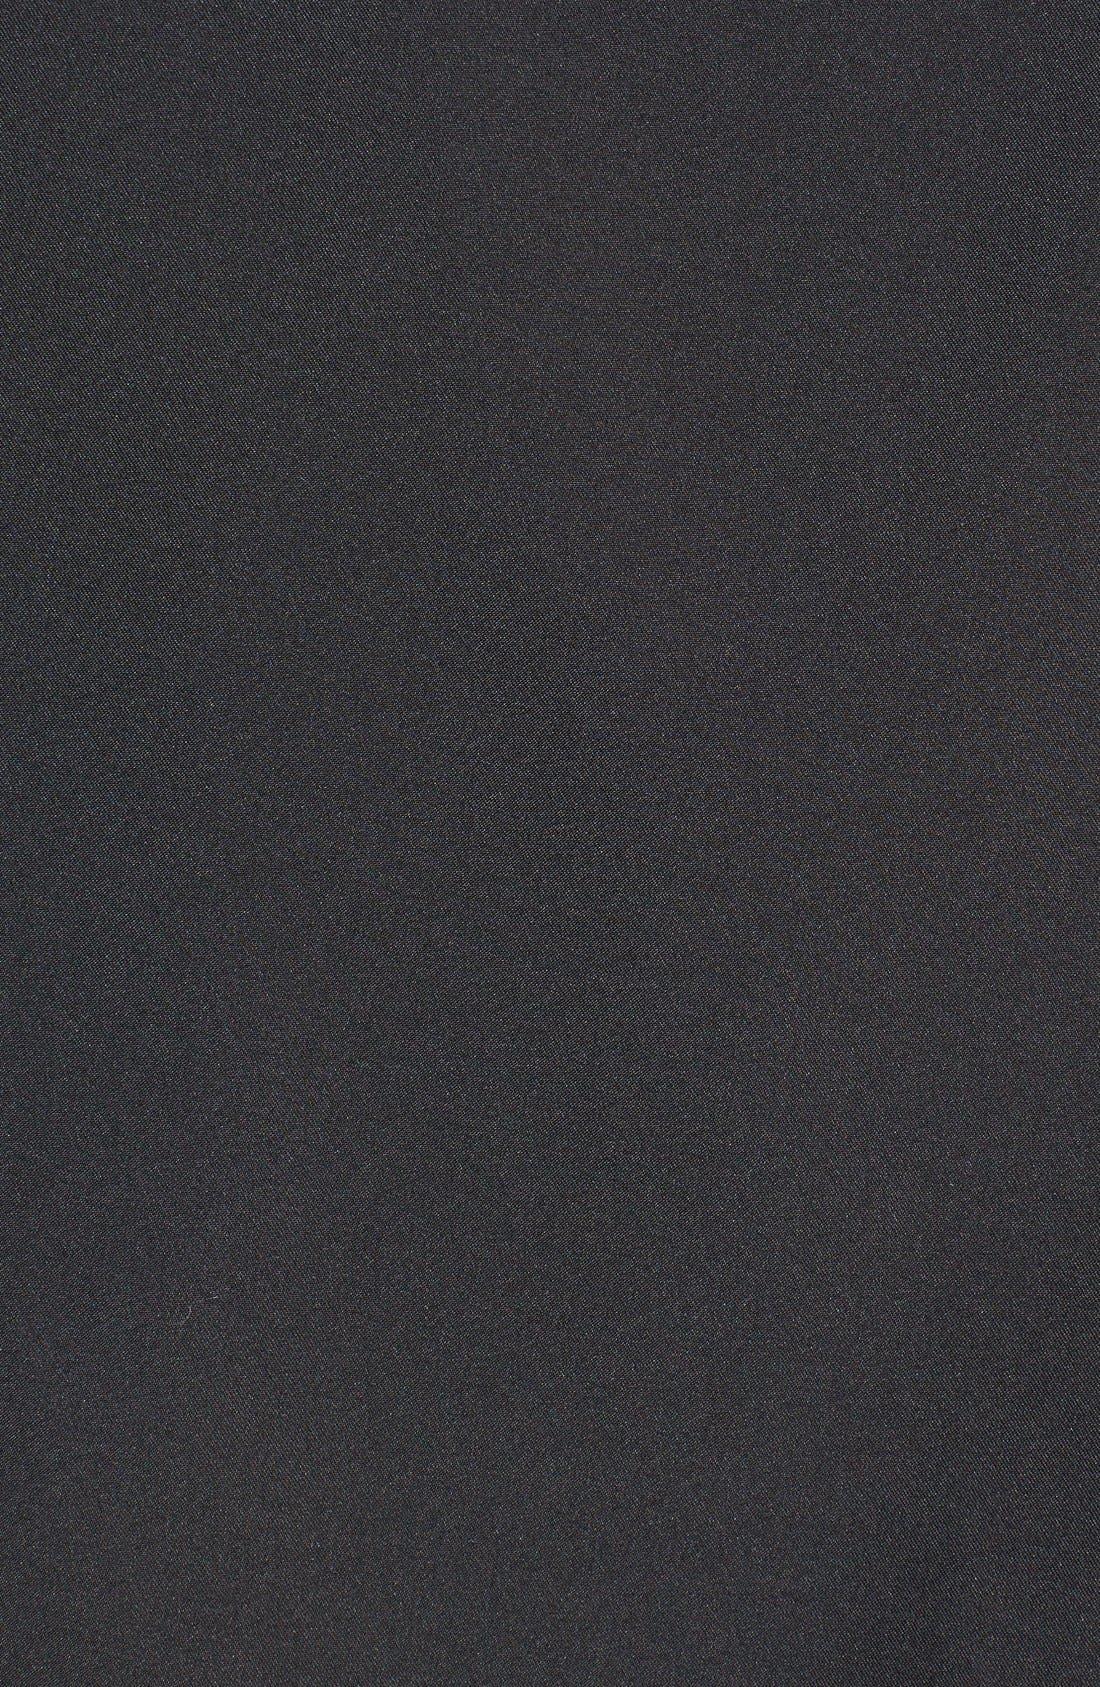 'Cincinnati Bengals - Beacon' WeatherTec Wind & Water Resistant Jacket,                             Alternate thumbnail 3, color,                             001